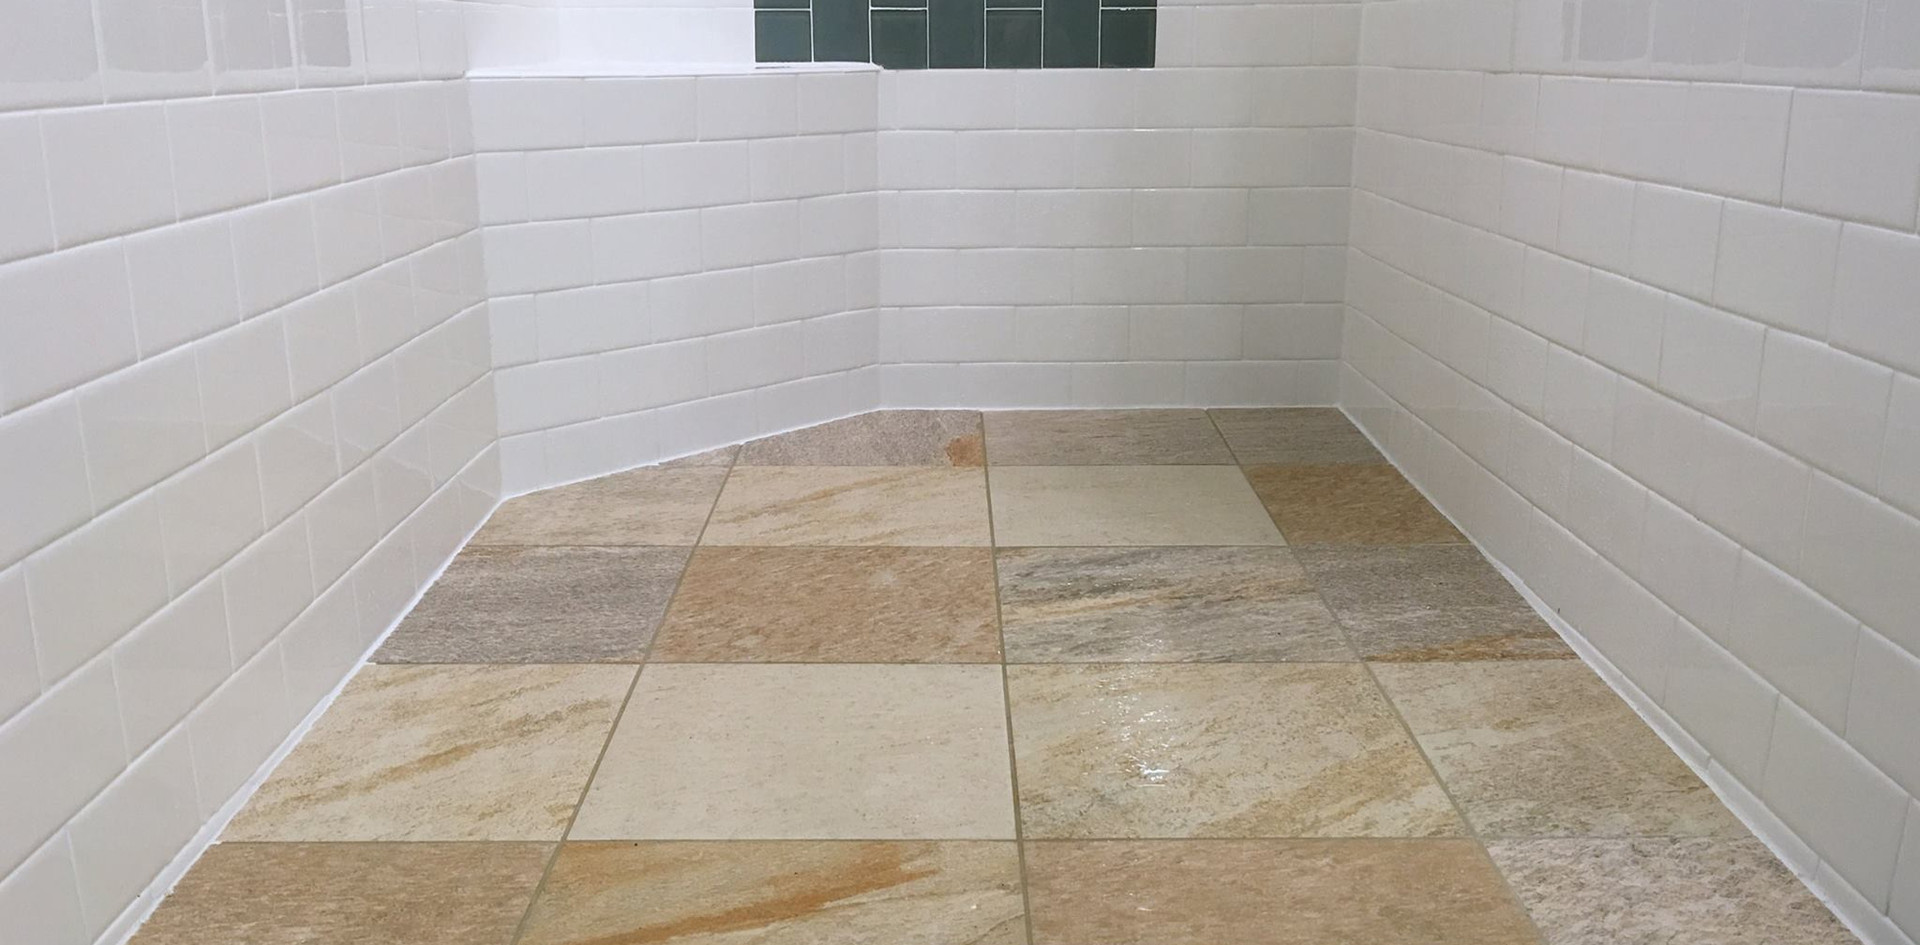 Bayard Curbless Shower